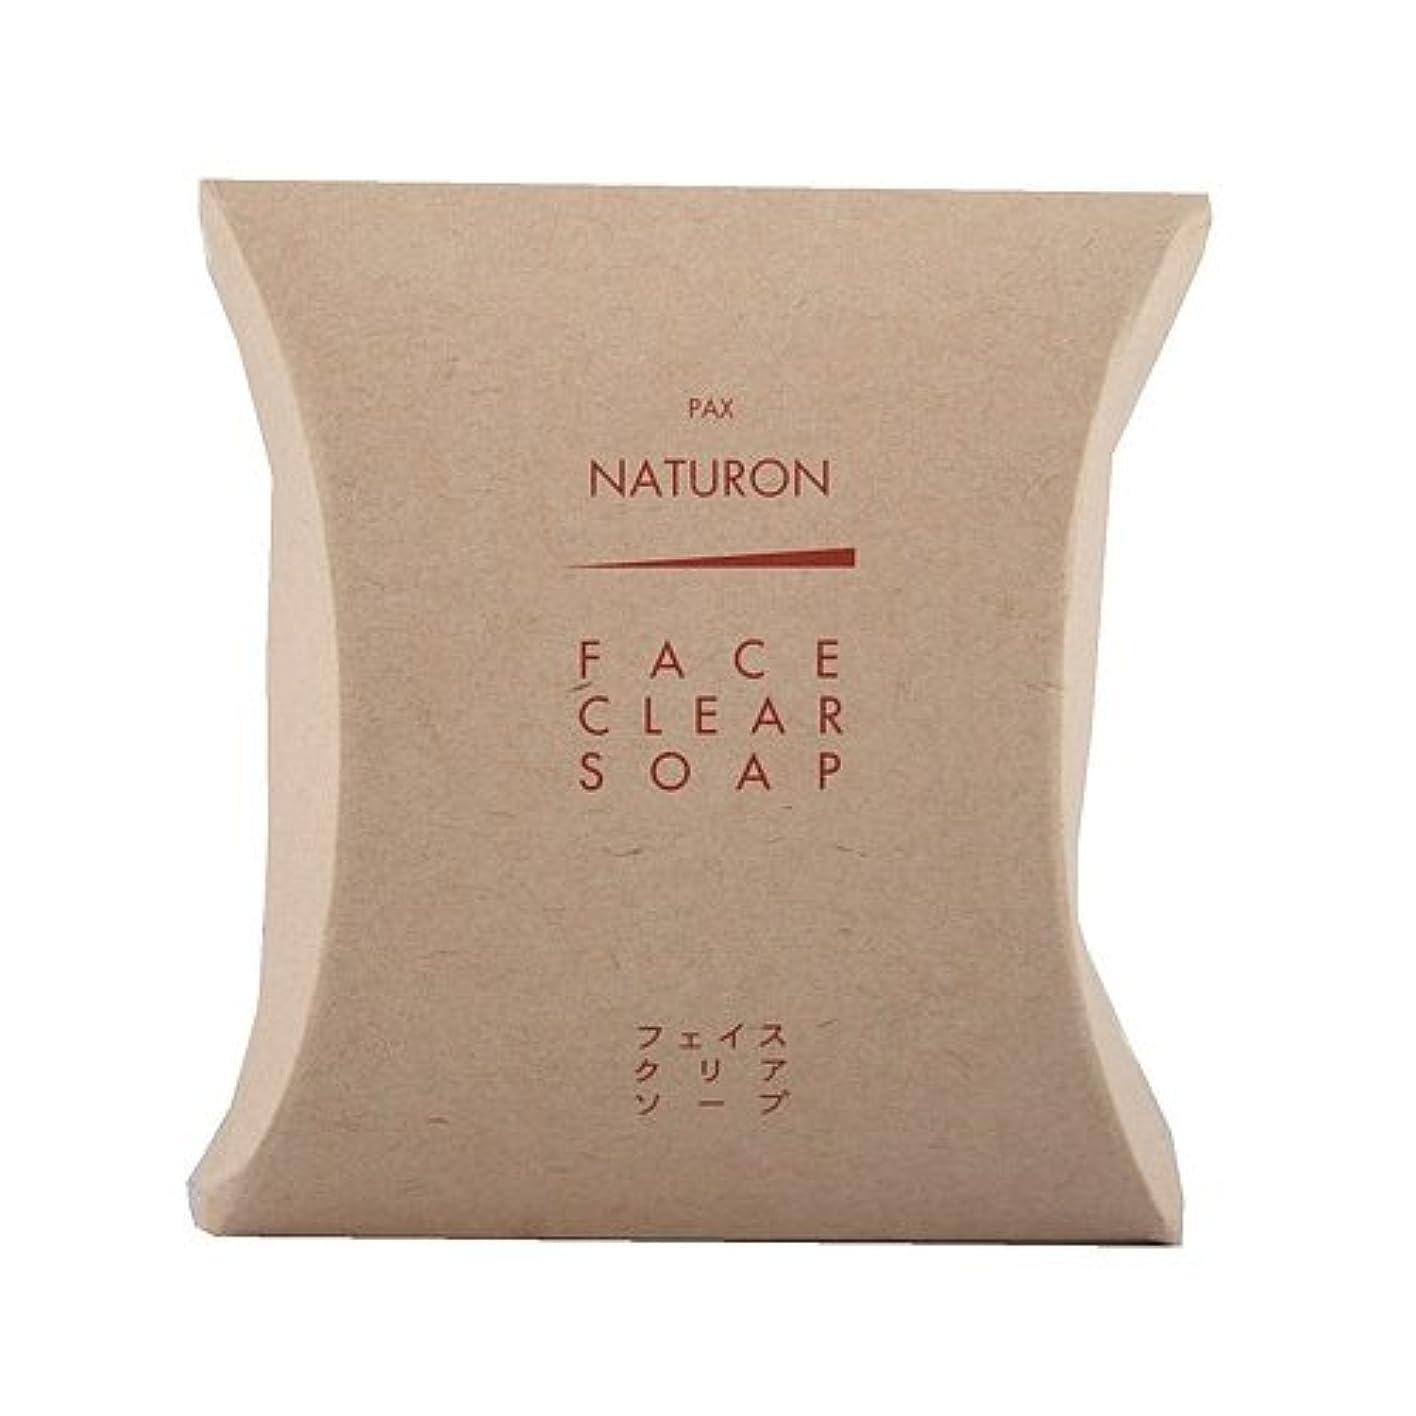 統計悪行ファッションパックスナチュロンフェイスクリアソープ (洗顔用固形石鹸) 95g